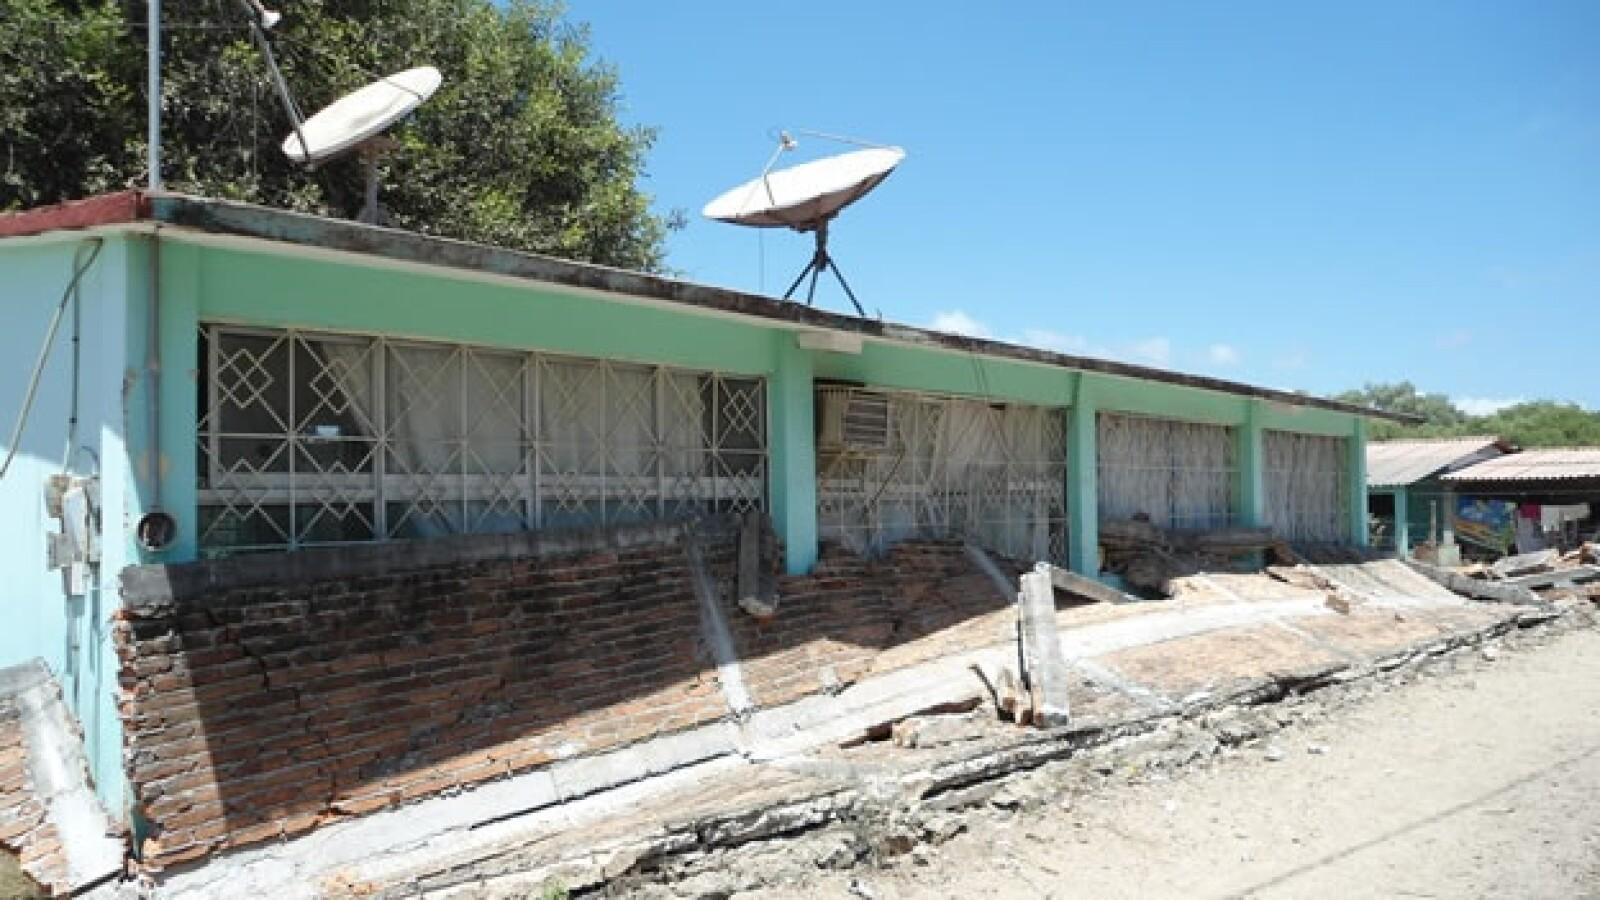 edificios derrumbados por sismo en Guerrero